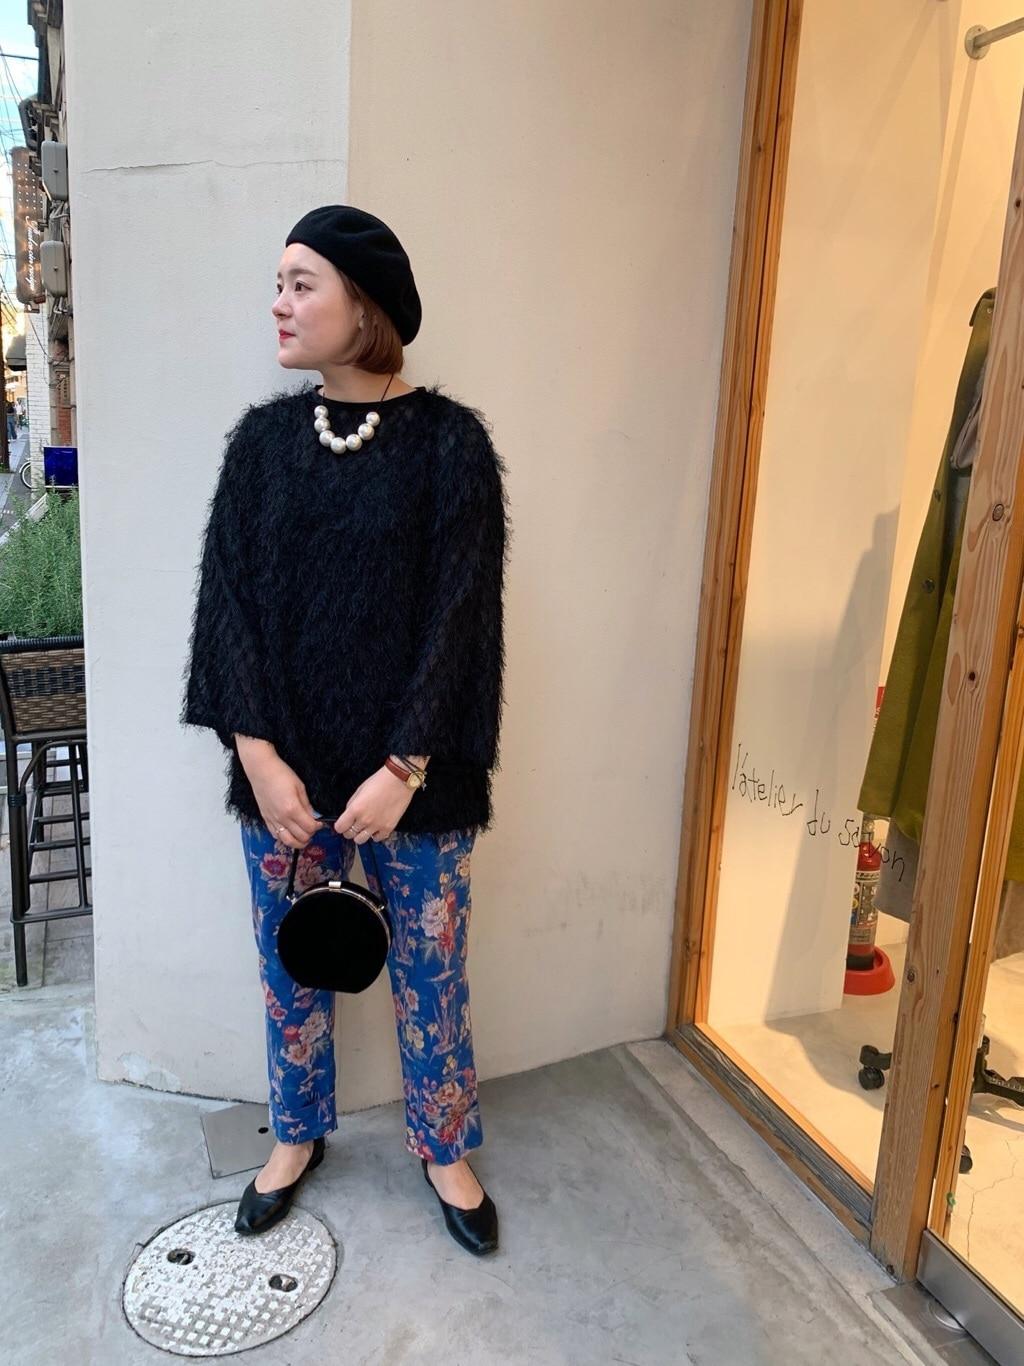 l'atelier du savon 京都路面 身長:166cm 2019.10.15